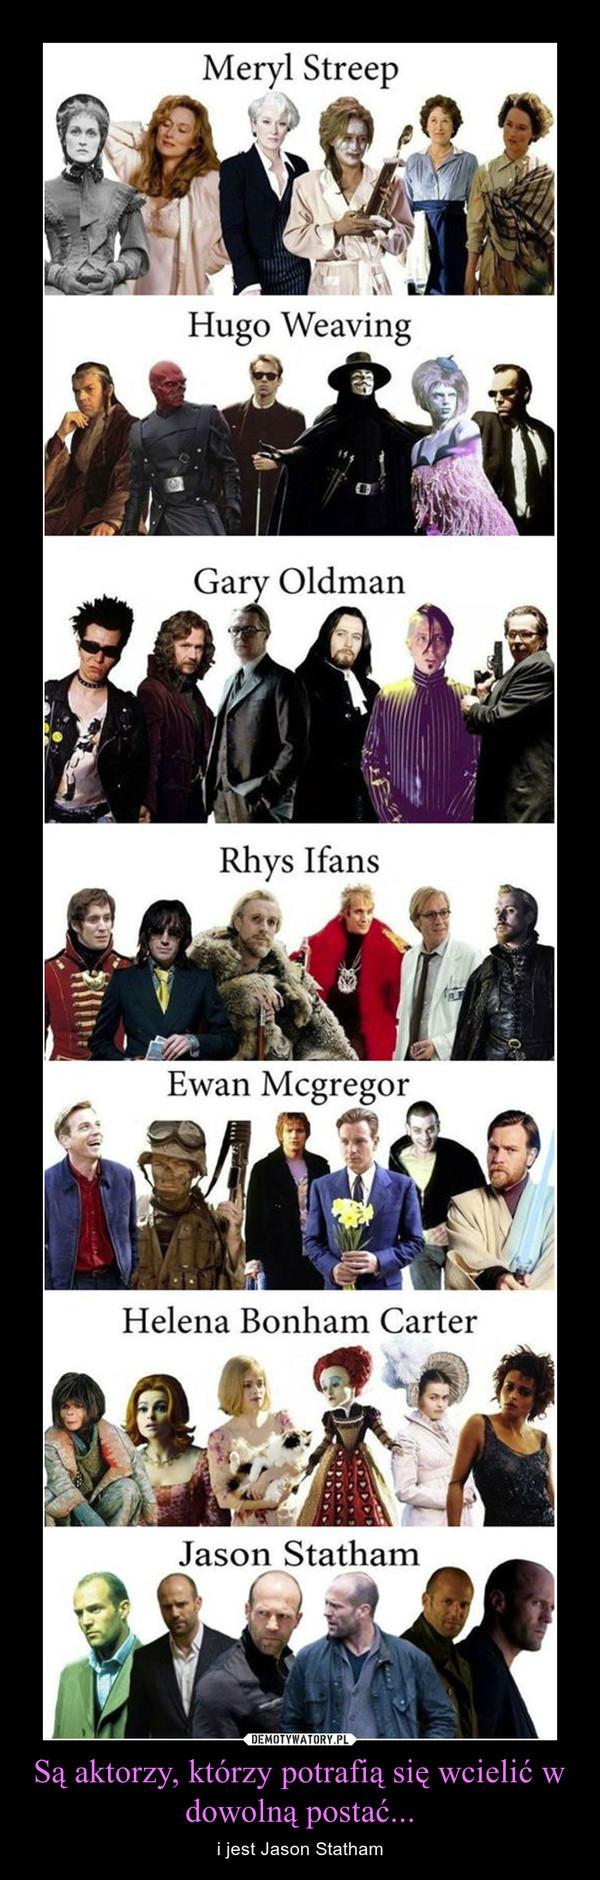 Są aktorzy, którzy potrafią się wcielić w dowolną postać... – i jest Jason Statham